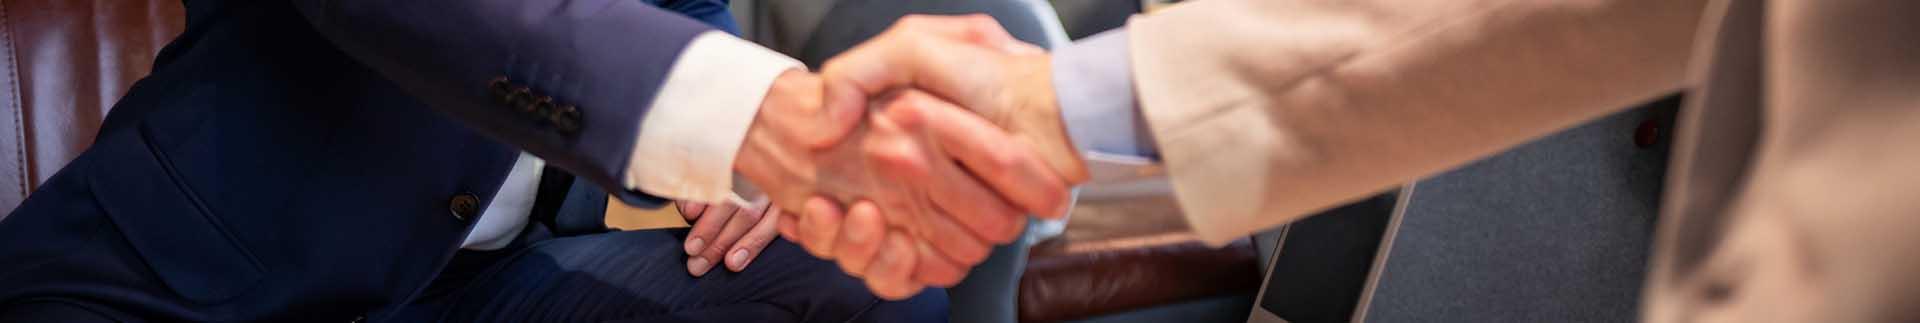 Verhandlungscoaching und Verhandlungsführung mit Melters und Partner